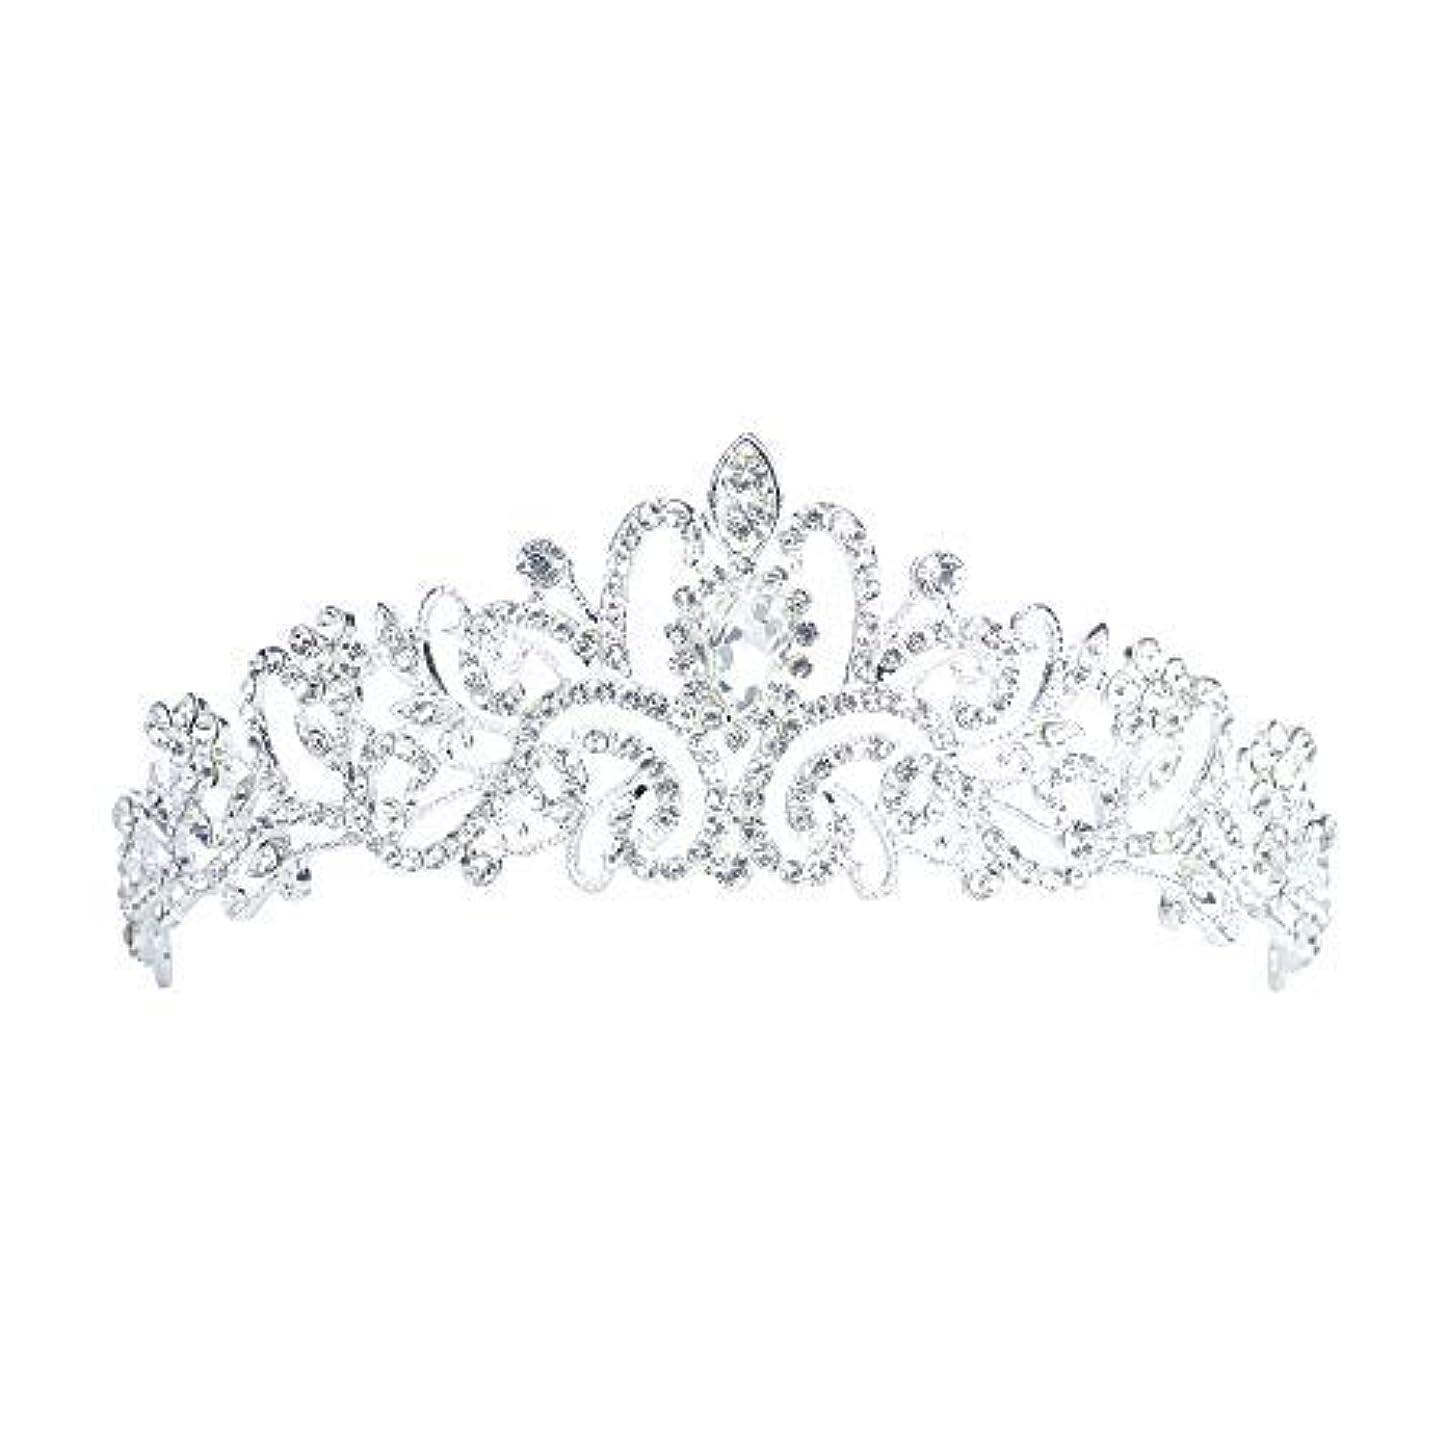 人気のスーパーマーケット持つLermity Hair Comb Crown Rhinestone Hairpins Bridal Wedding Hair Accessories Jewelry Austrian Crystals Hair Clips...